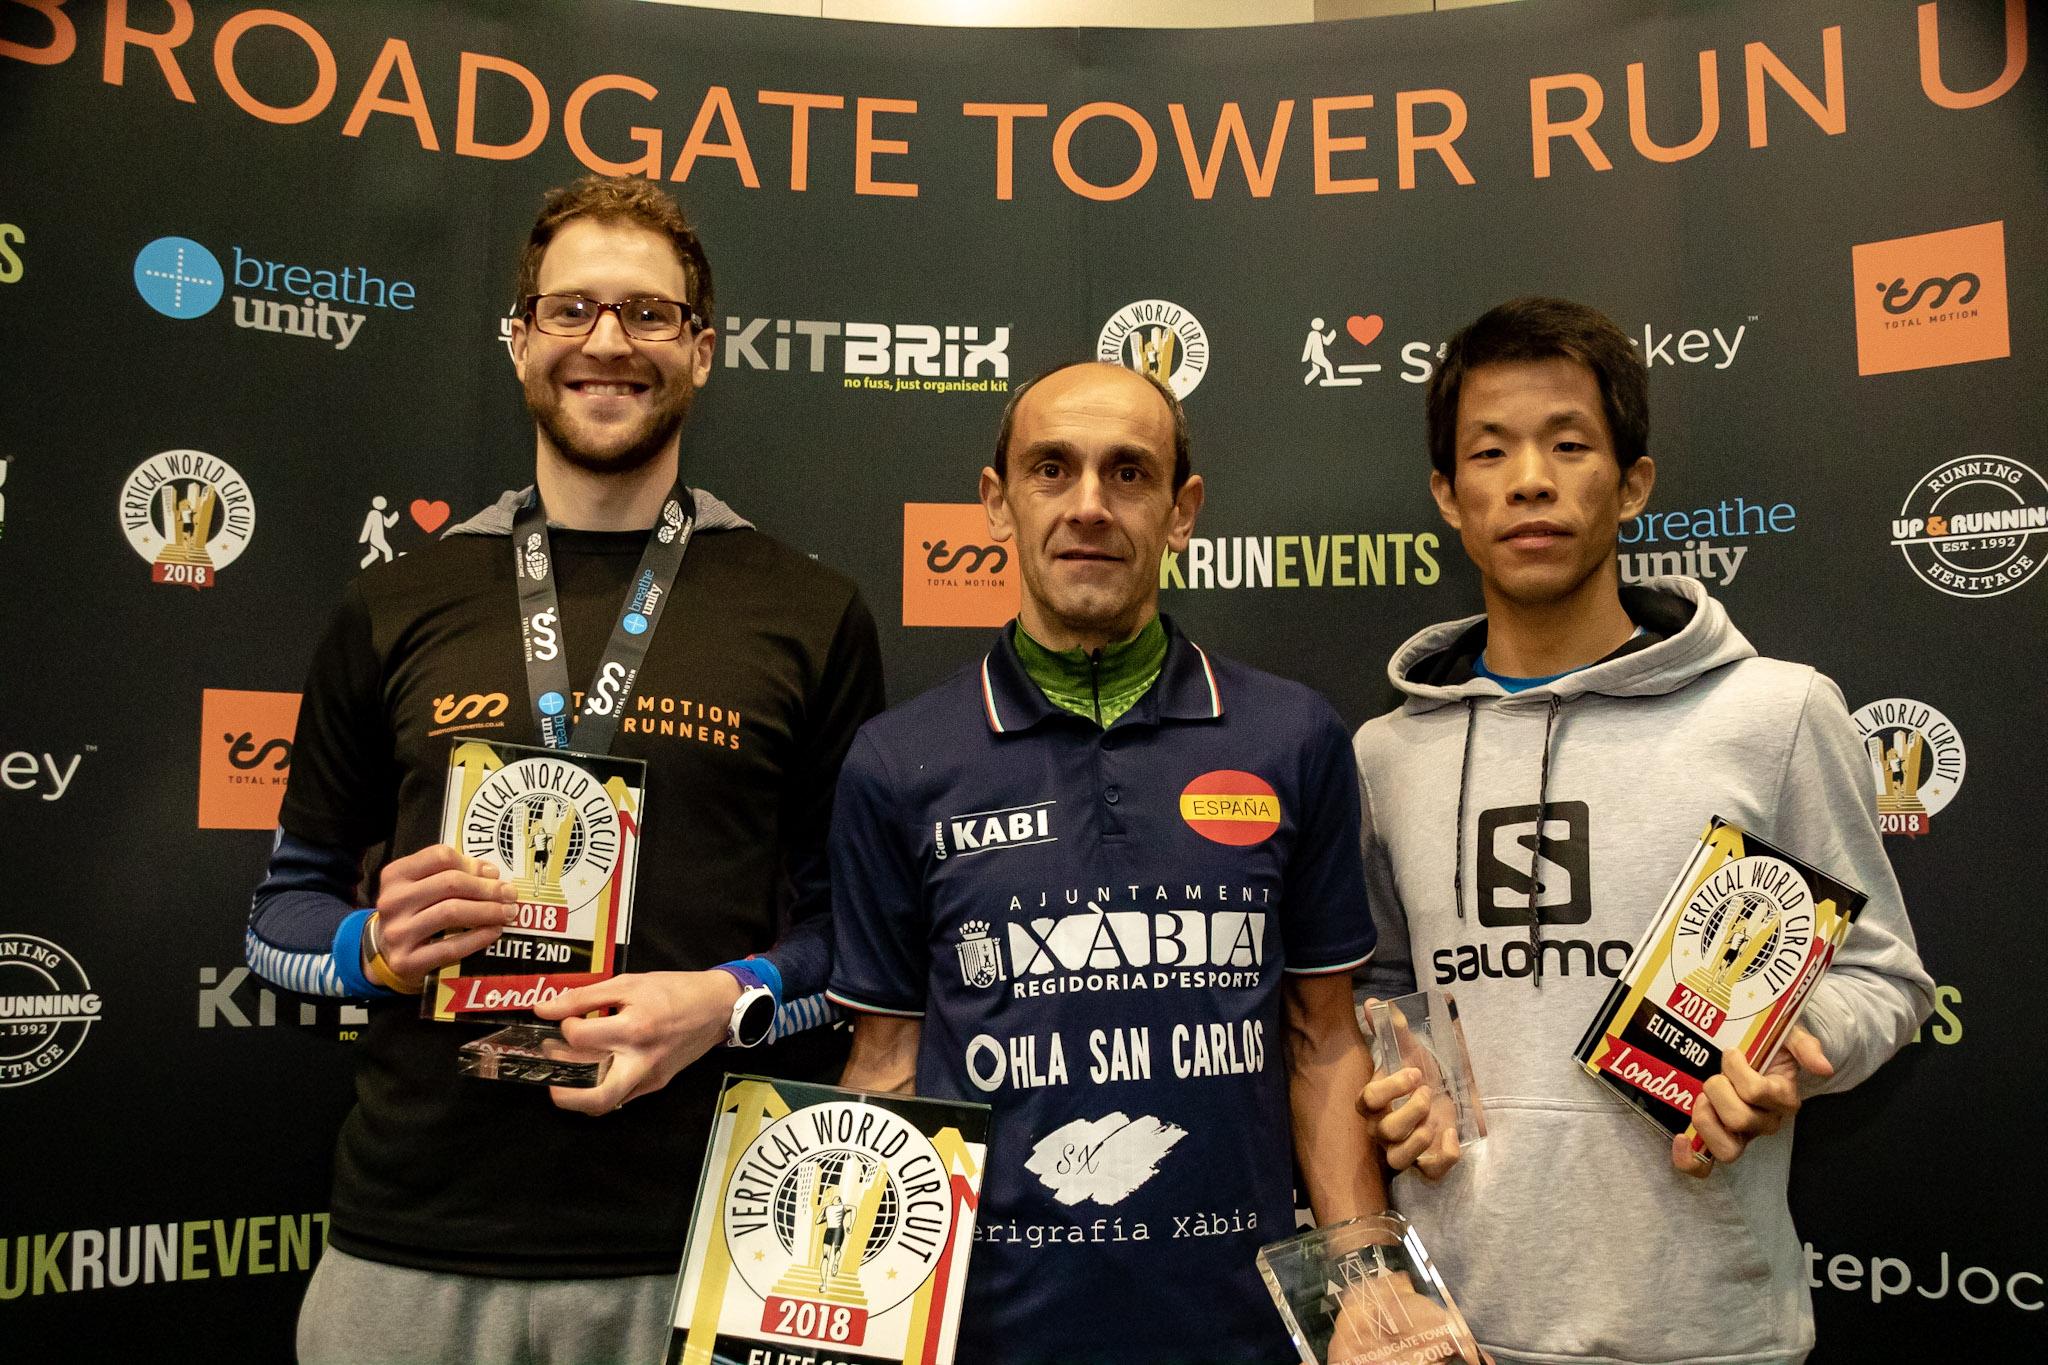 左から2位マーク・ハワード、1位イグナシオ・カルドナ、3位小山孝明 ©benlumleyphoto.co.uk